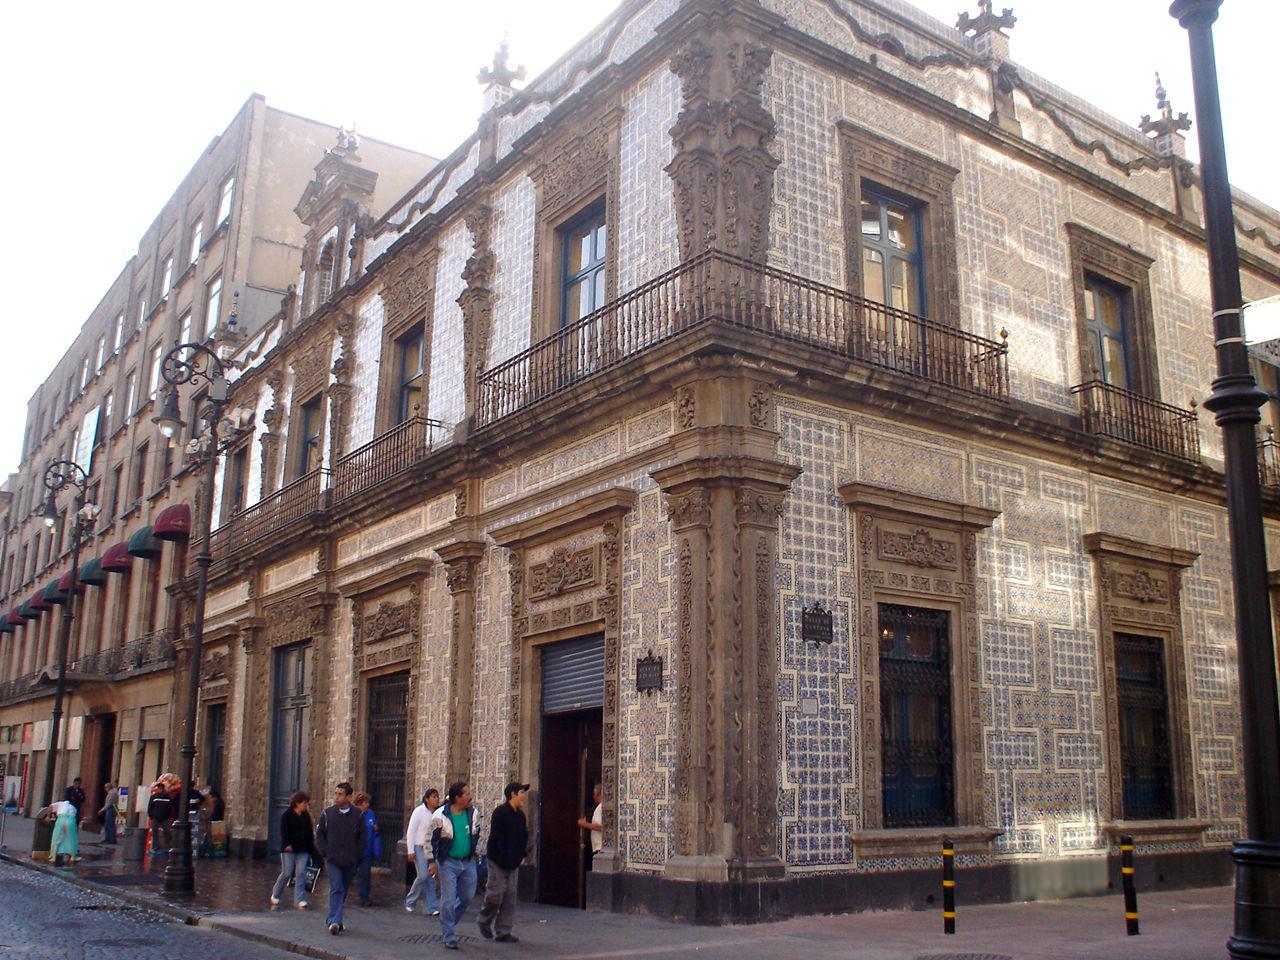 Palacio de los condes de orizaba turimexico for Casa de los azulejos en mexico